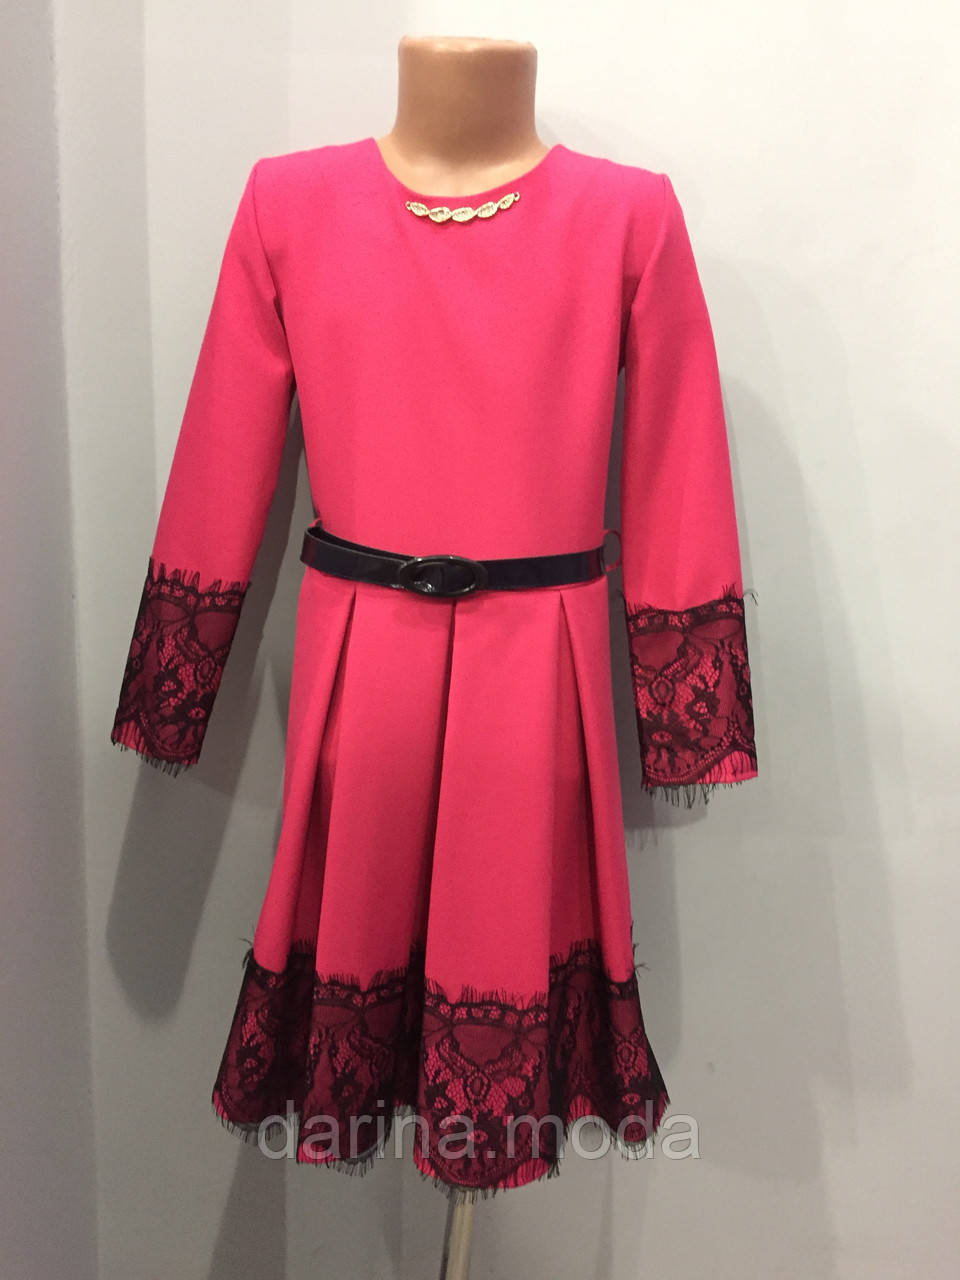 Платье для девочки с кружевом 134-152 см